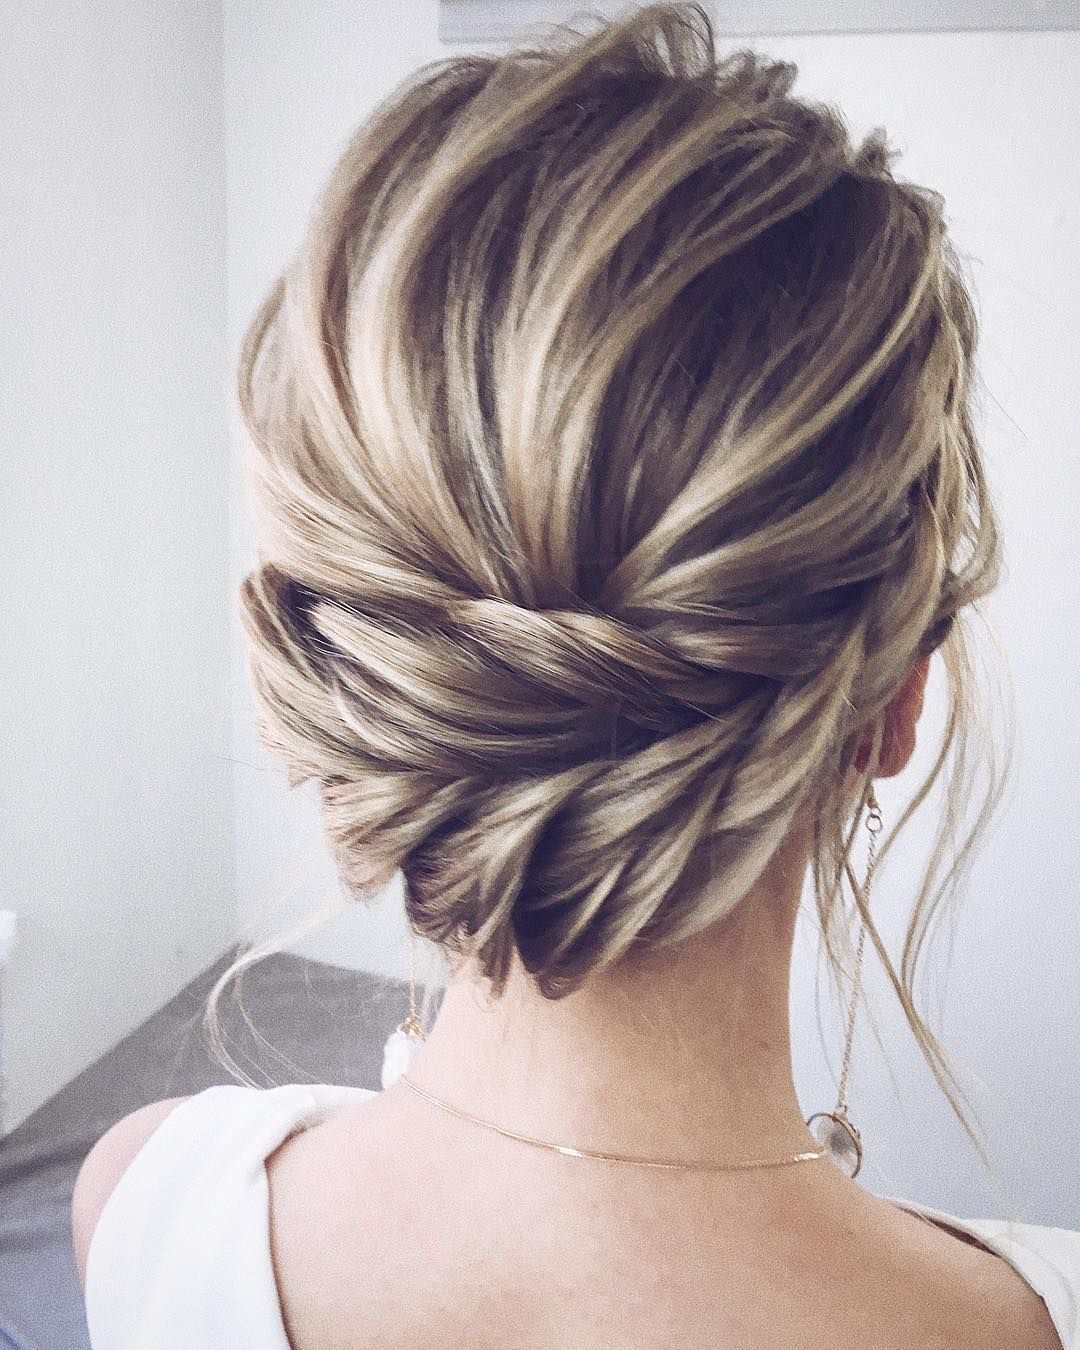 featured lena bogucharskaya - updo hairstyles + braids